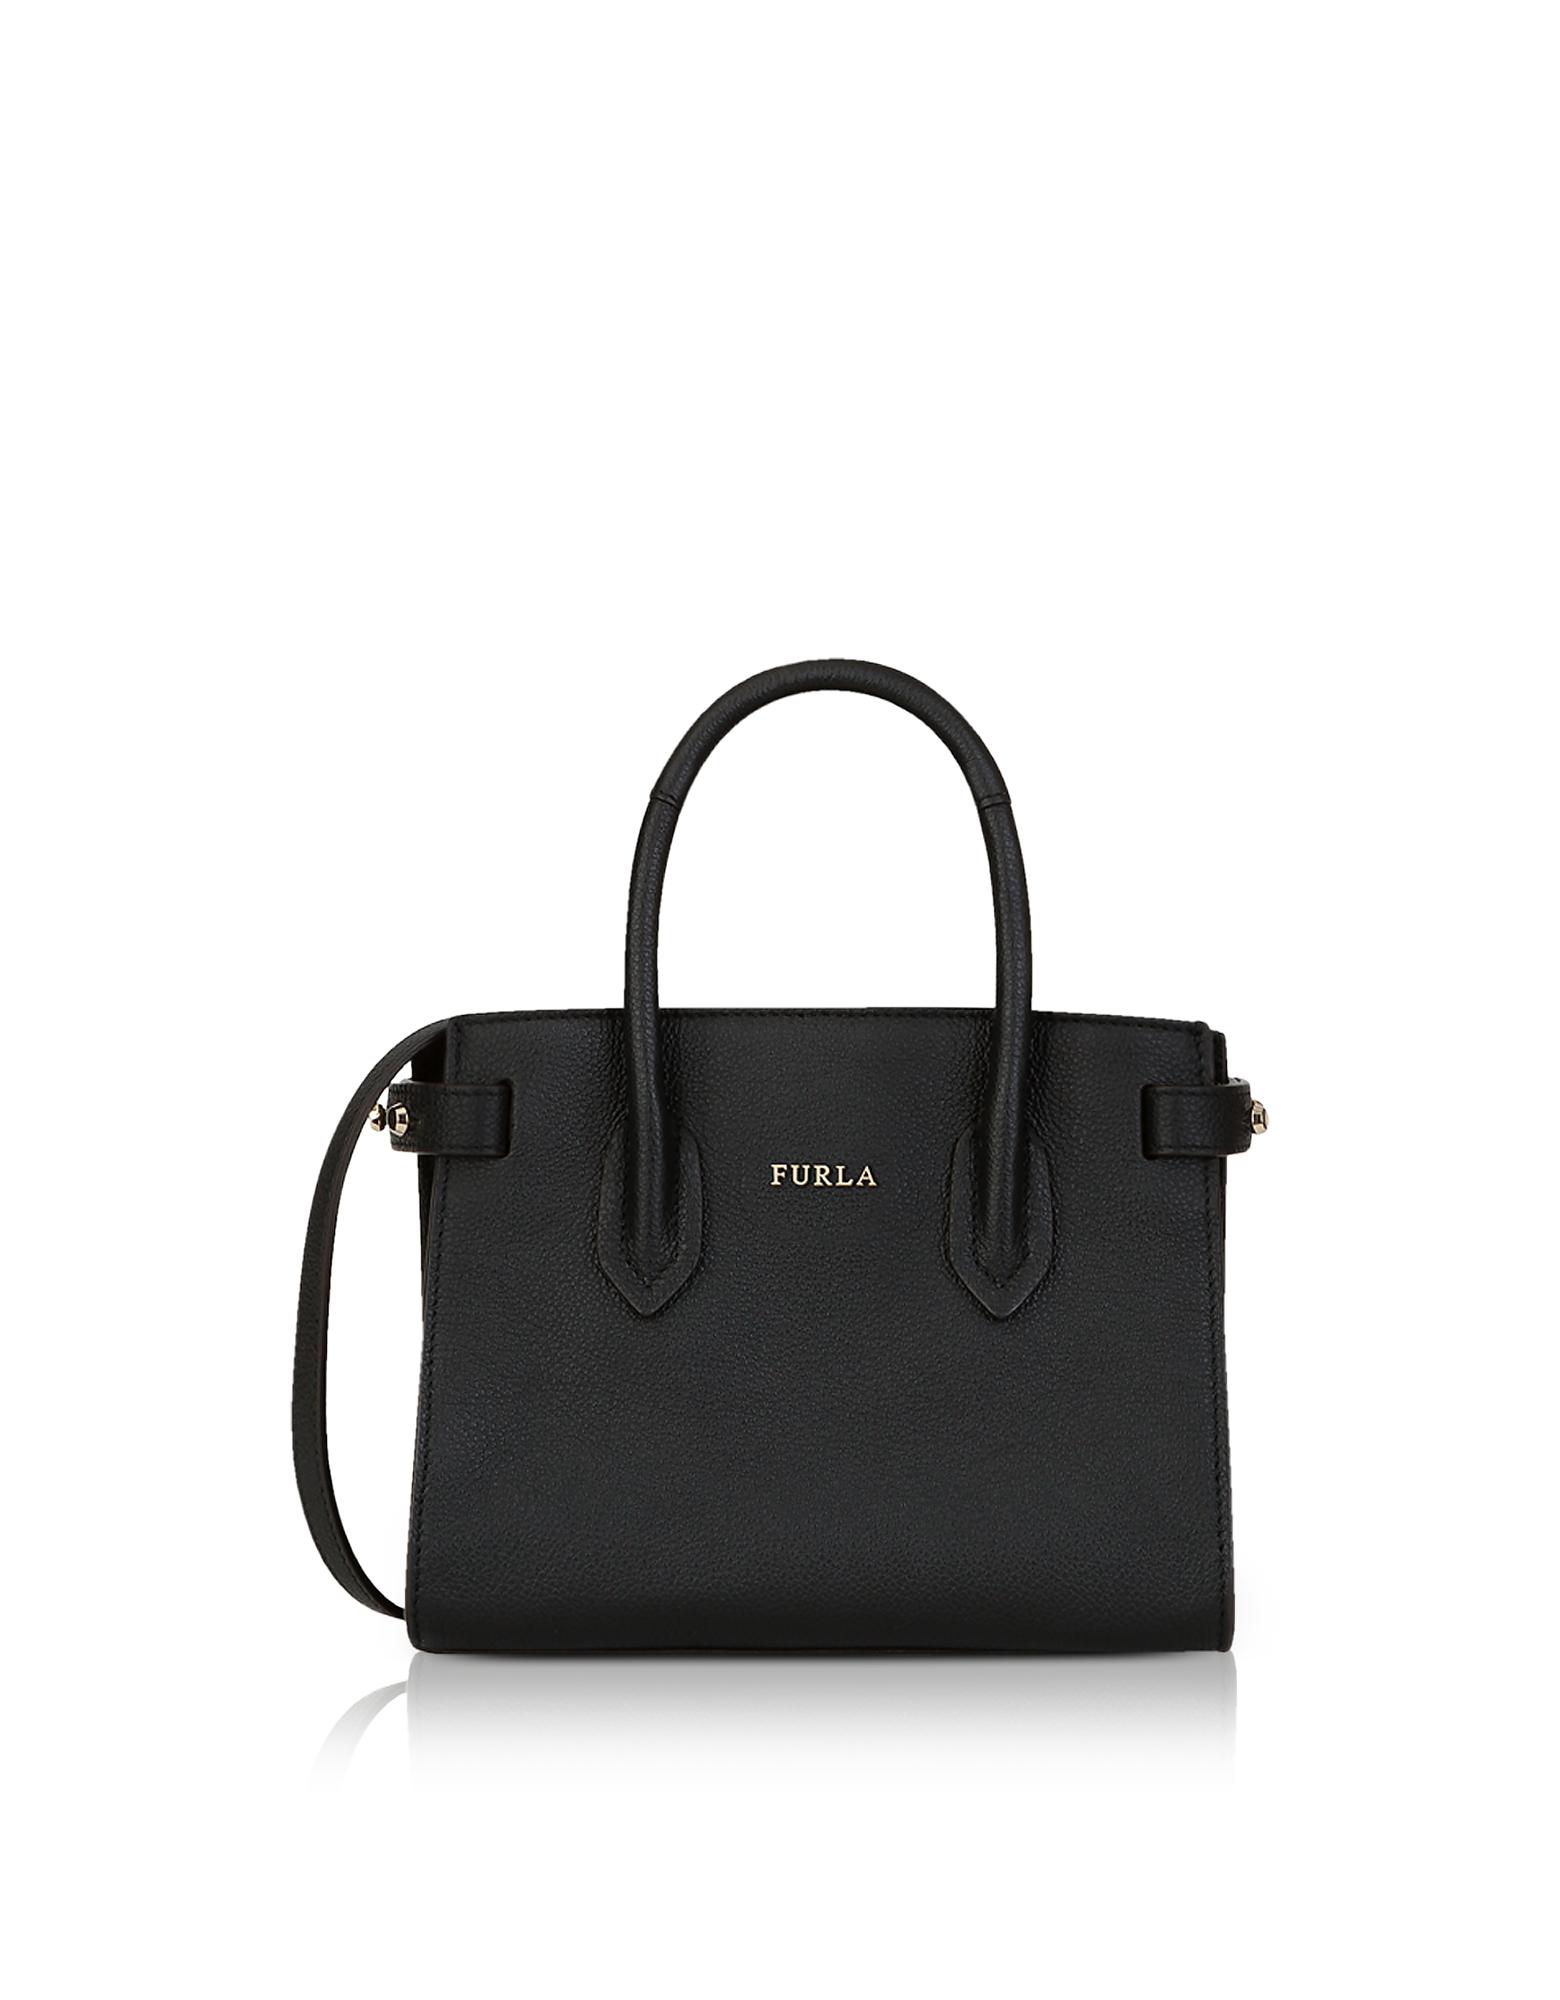 Image of Furla Designer Handbags, Pin Mini Tote Bag w/Shoulder Strap